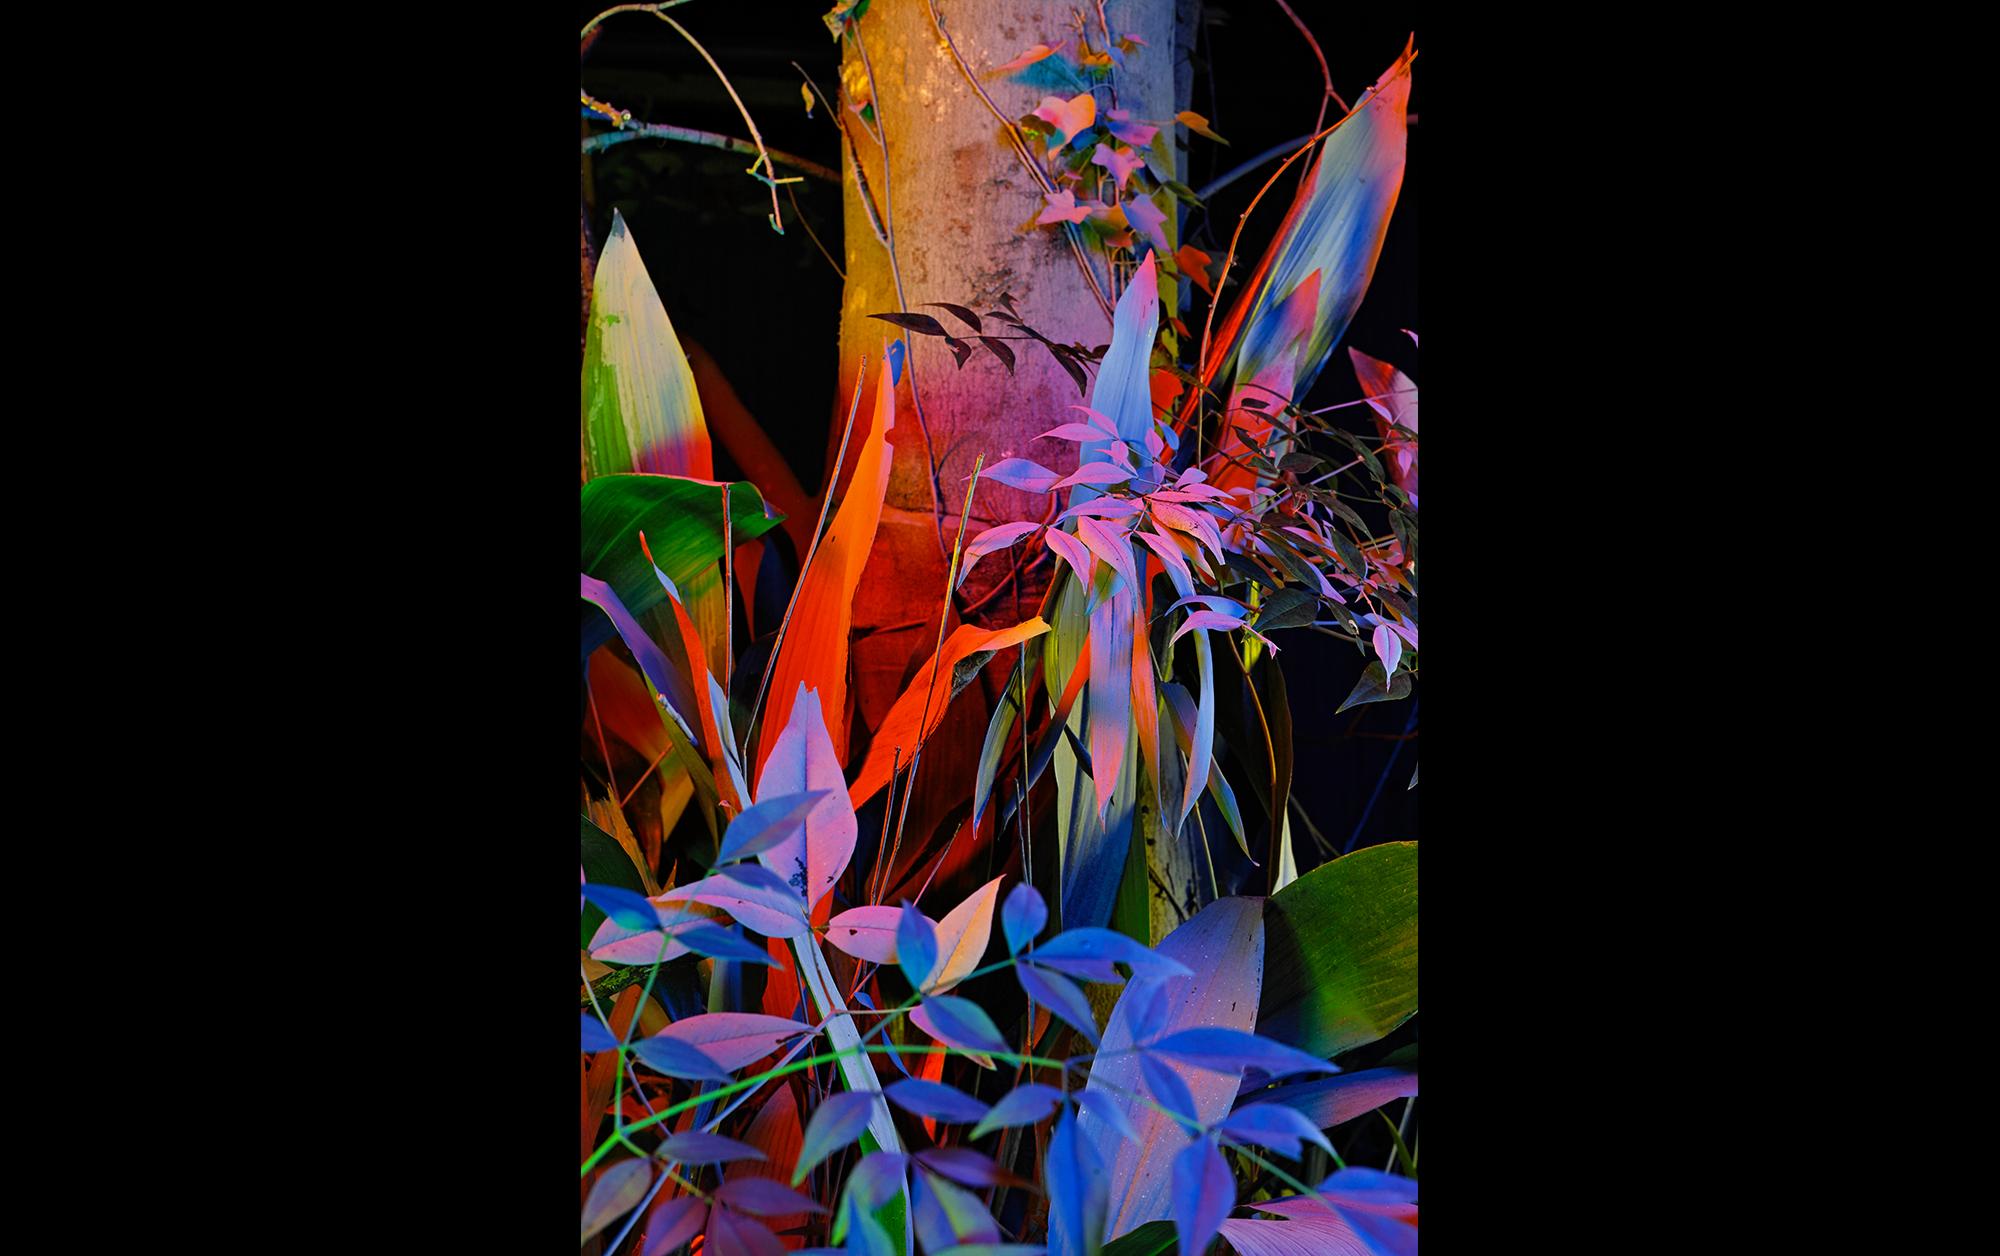 畑直幸「生活とともにある美術を目指し、自然の中で写真表現を開拓する」 | 畑直幸